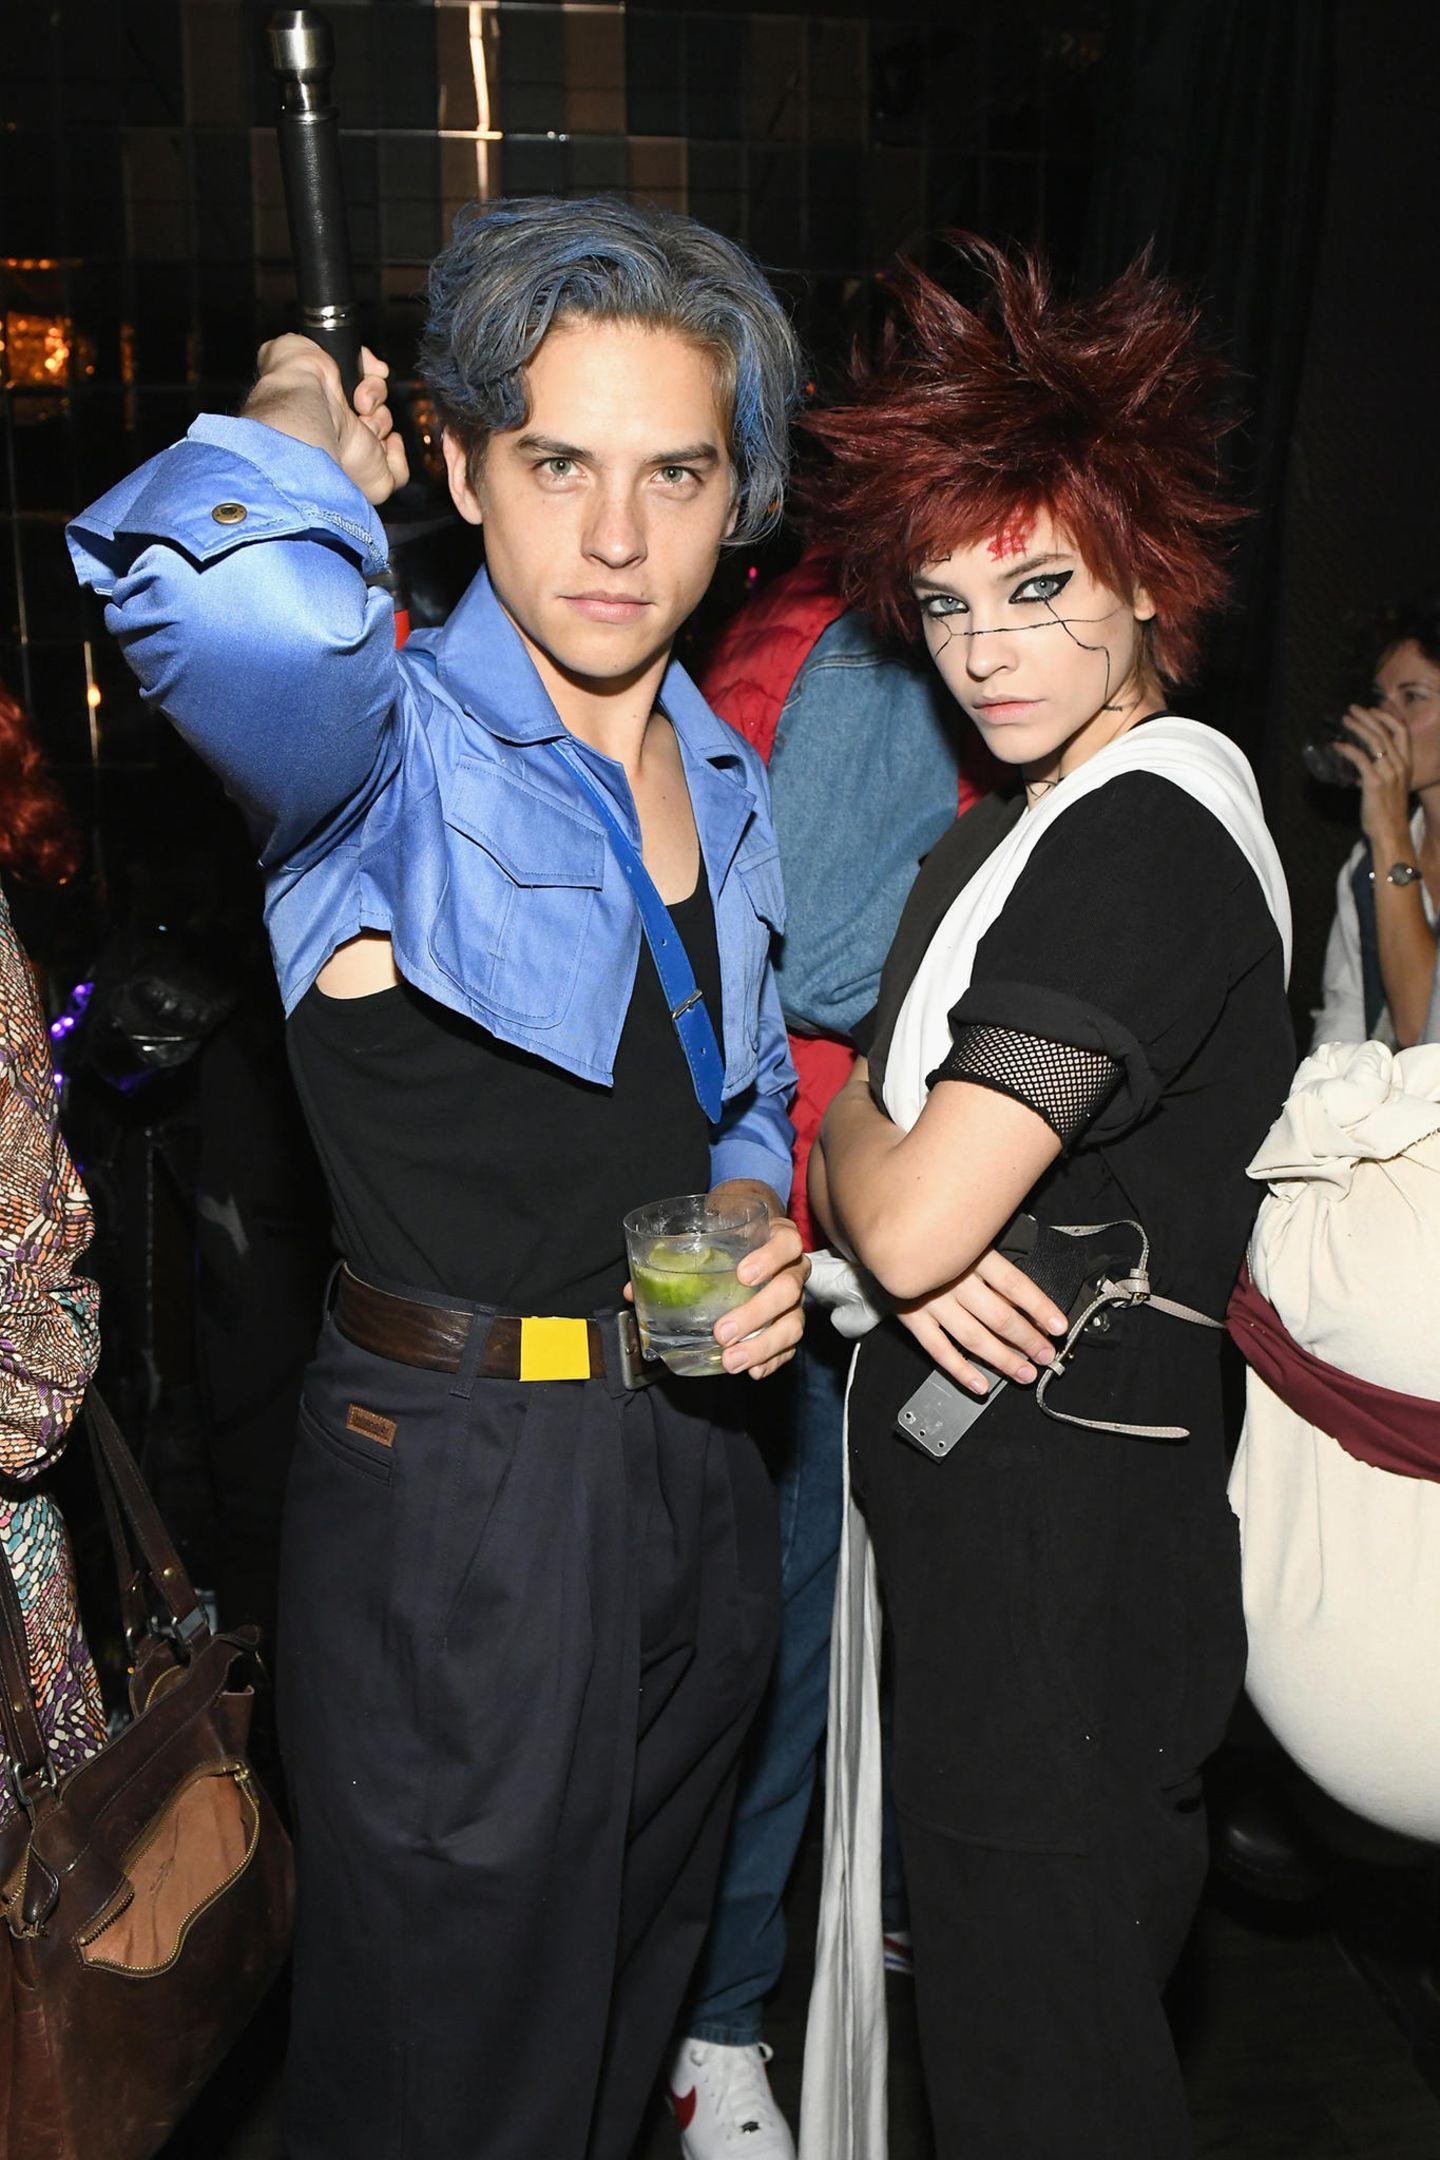 Inspiriert von Dragon Ball kommenDylan Sprouse und Barbara Palvin zu der Party und stürzen sich direkt ins Getümmel.